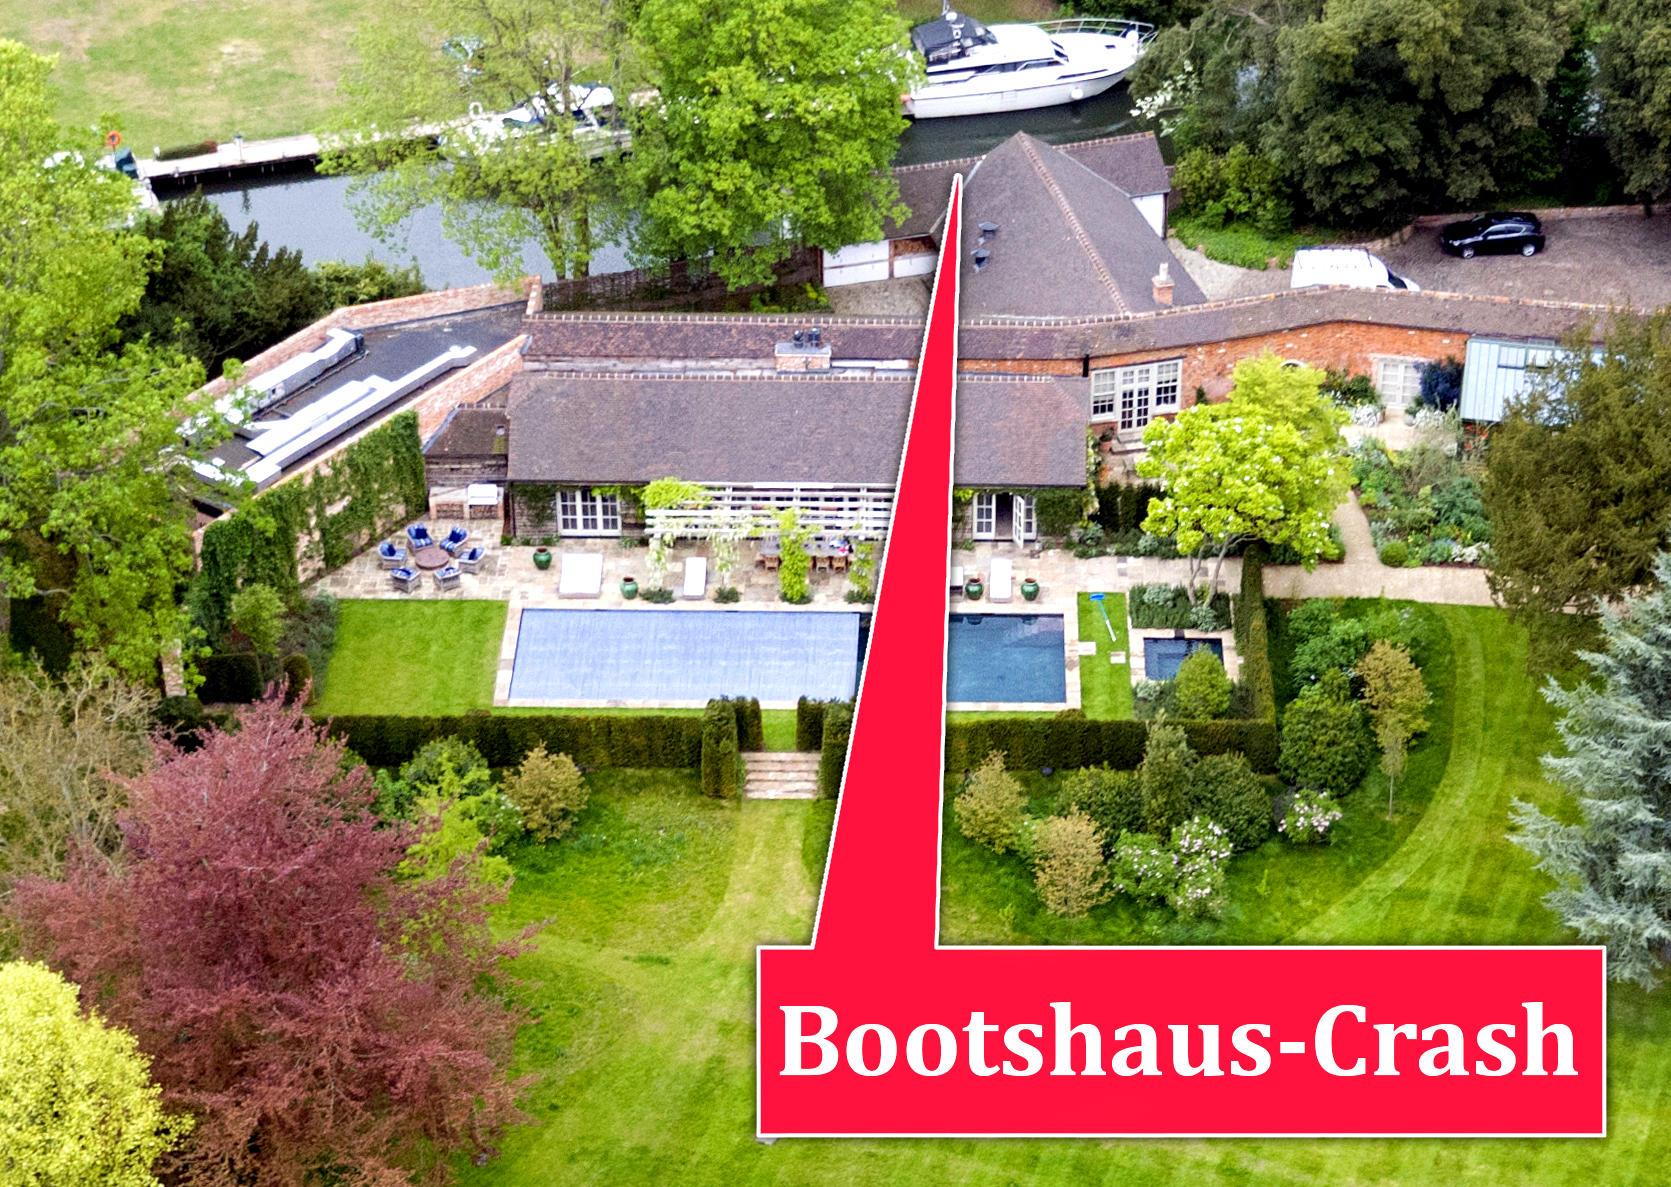 Bootshaus der Clooneys auf ihrem Anwesen in der britischen Grafschaft Berkshire.